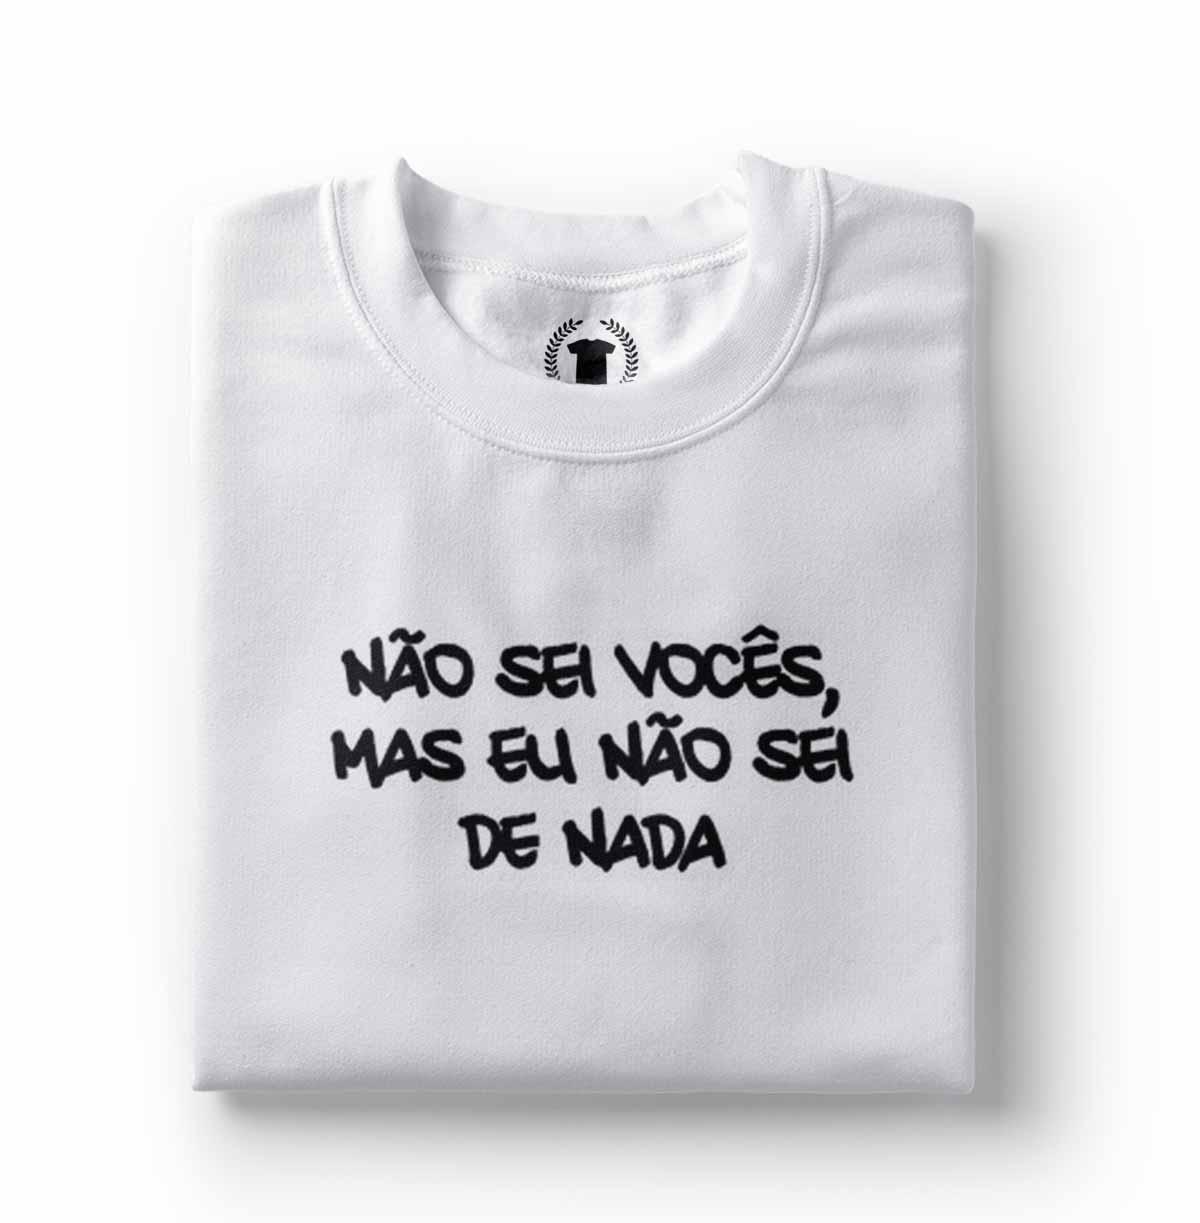 camiseta estampa divertida eu nao sei voces mas eu nao sei de nada